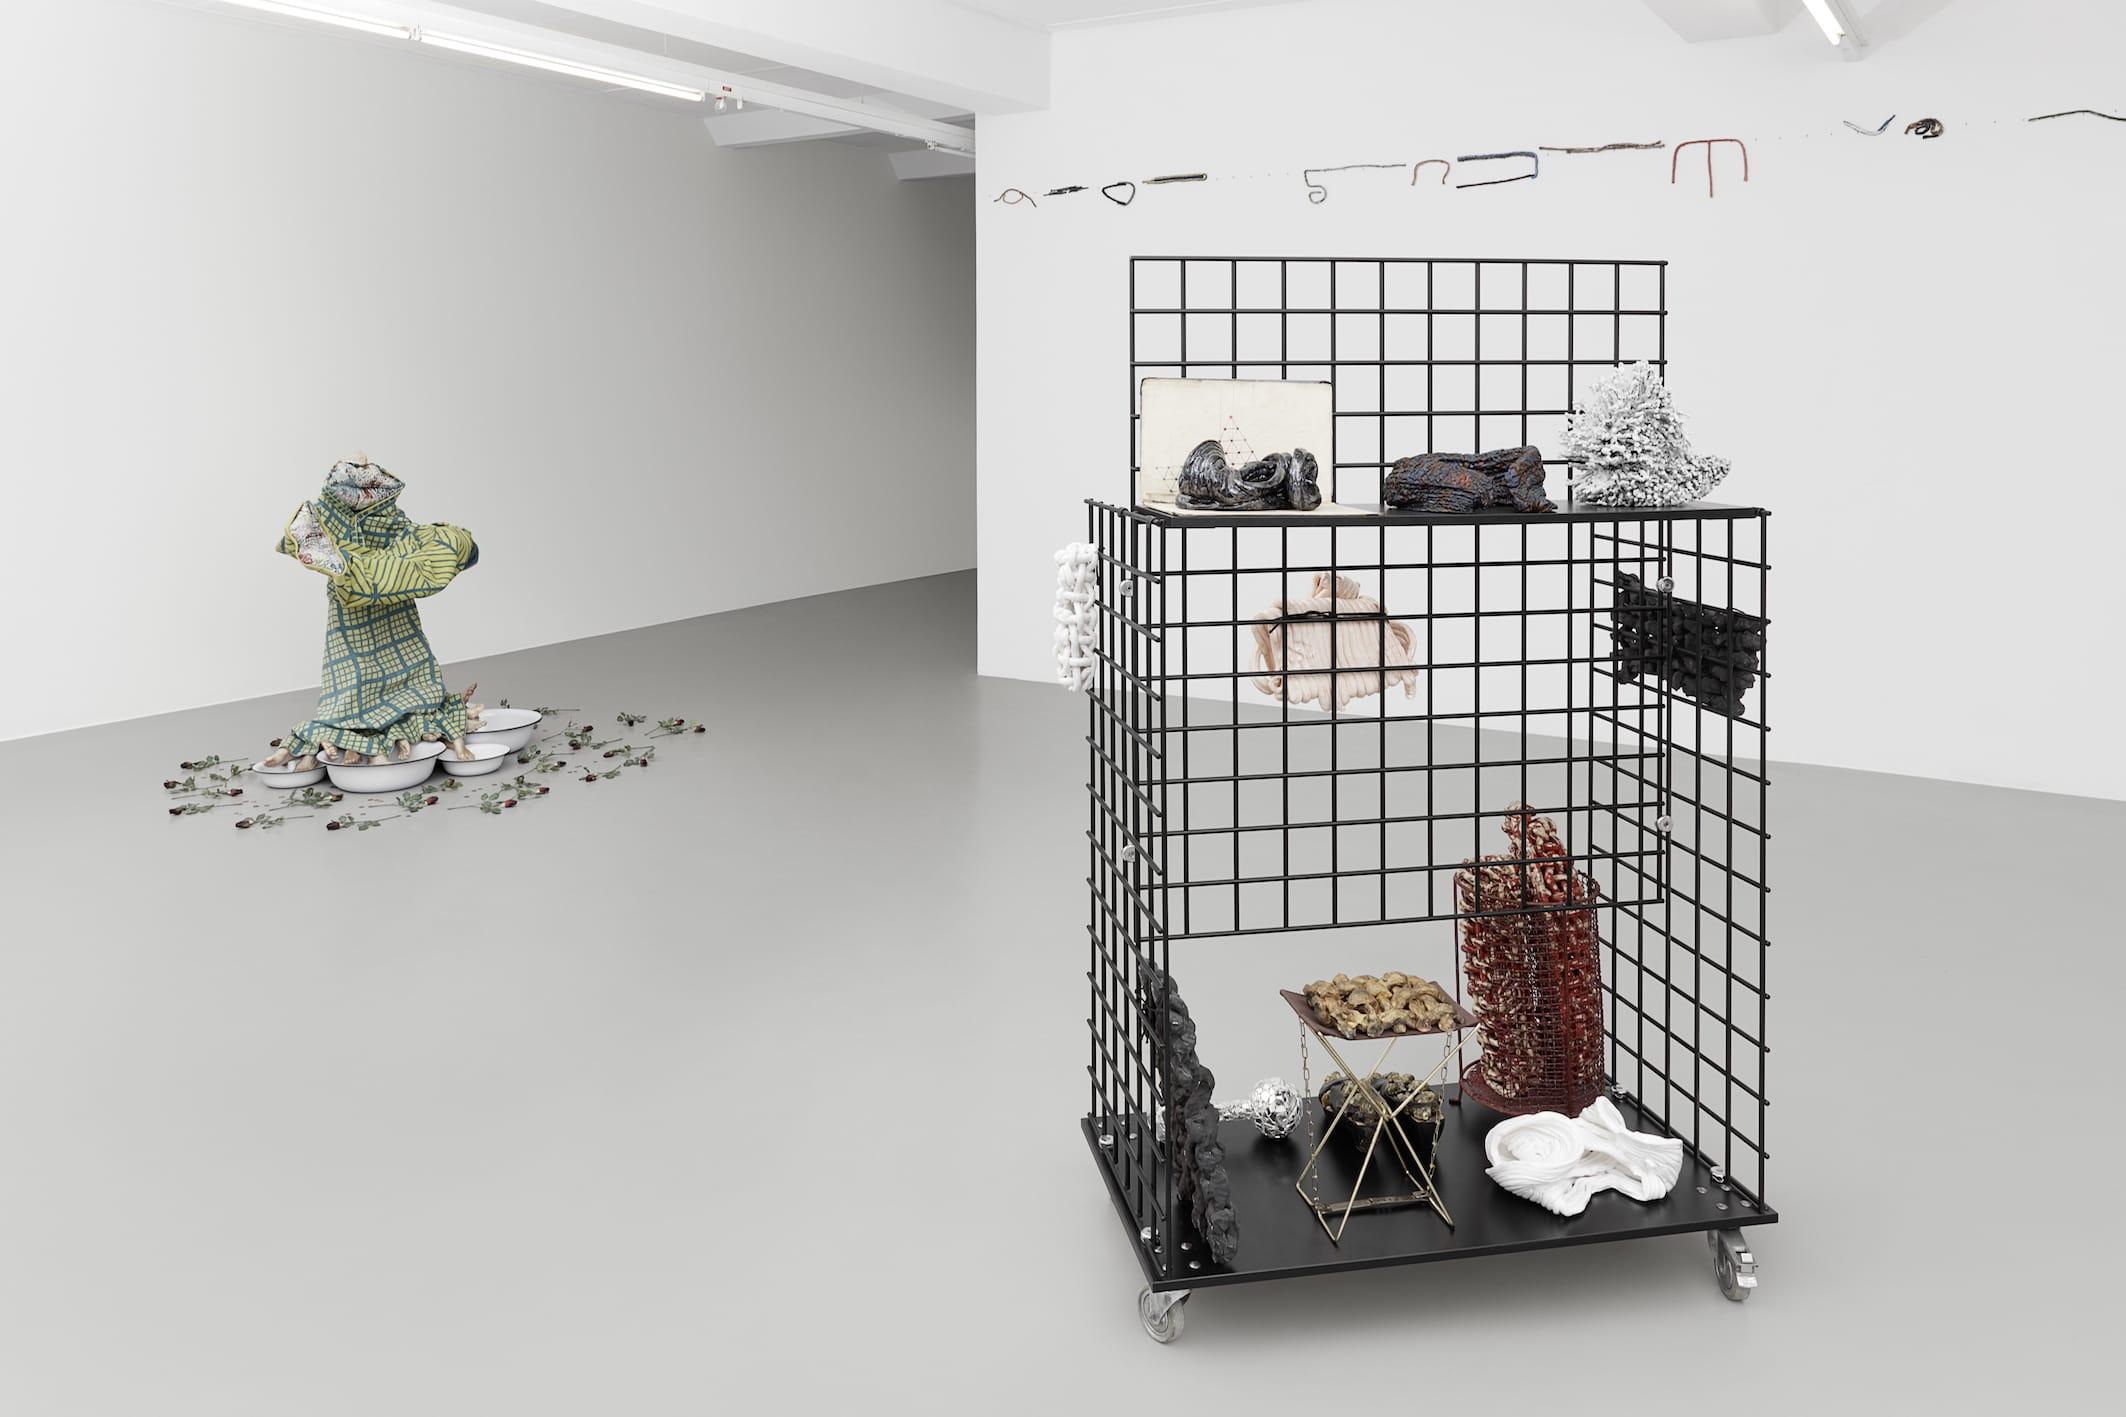 Ausstellungsansicht FURTHER THOUGHTS ON EARTHY MATERIALS GAK Gesellschaft für Aktuelle Kunst Foto: Tobias Hübel